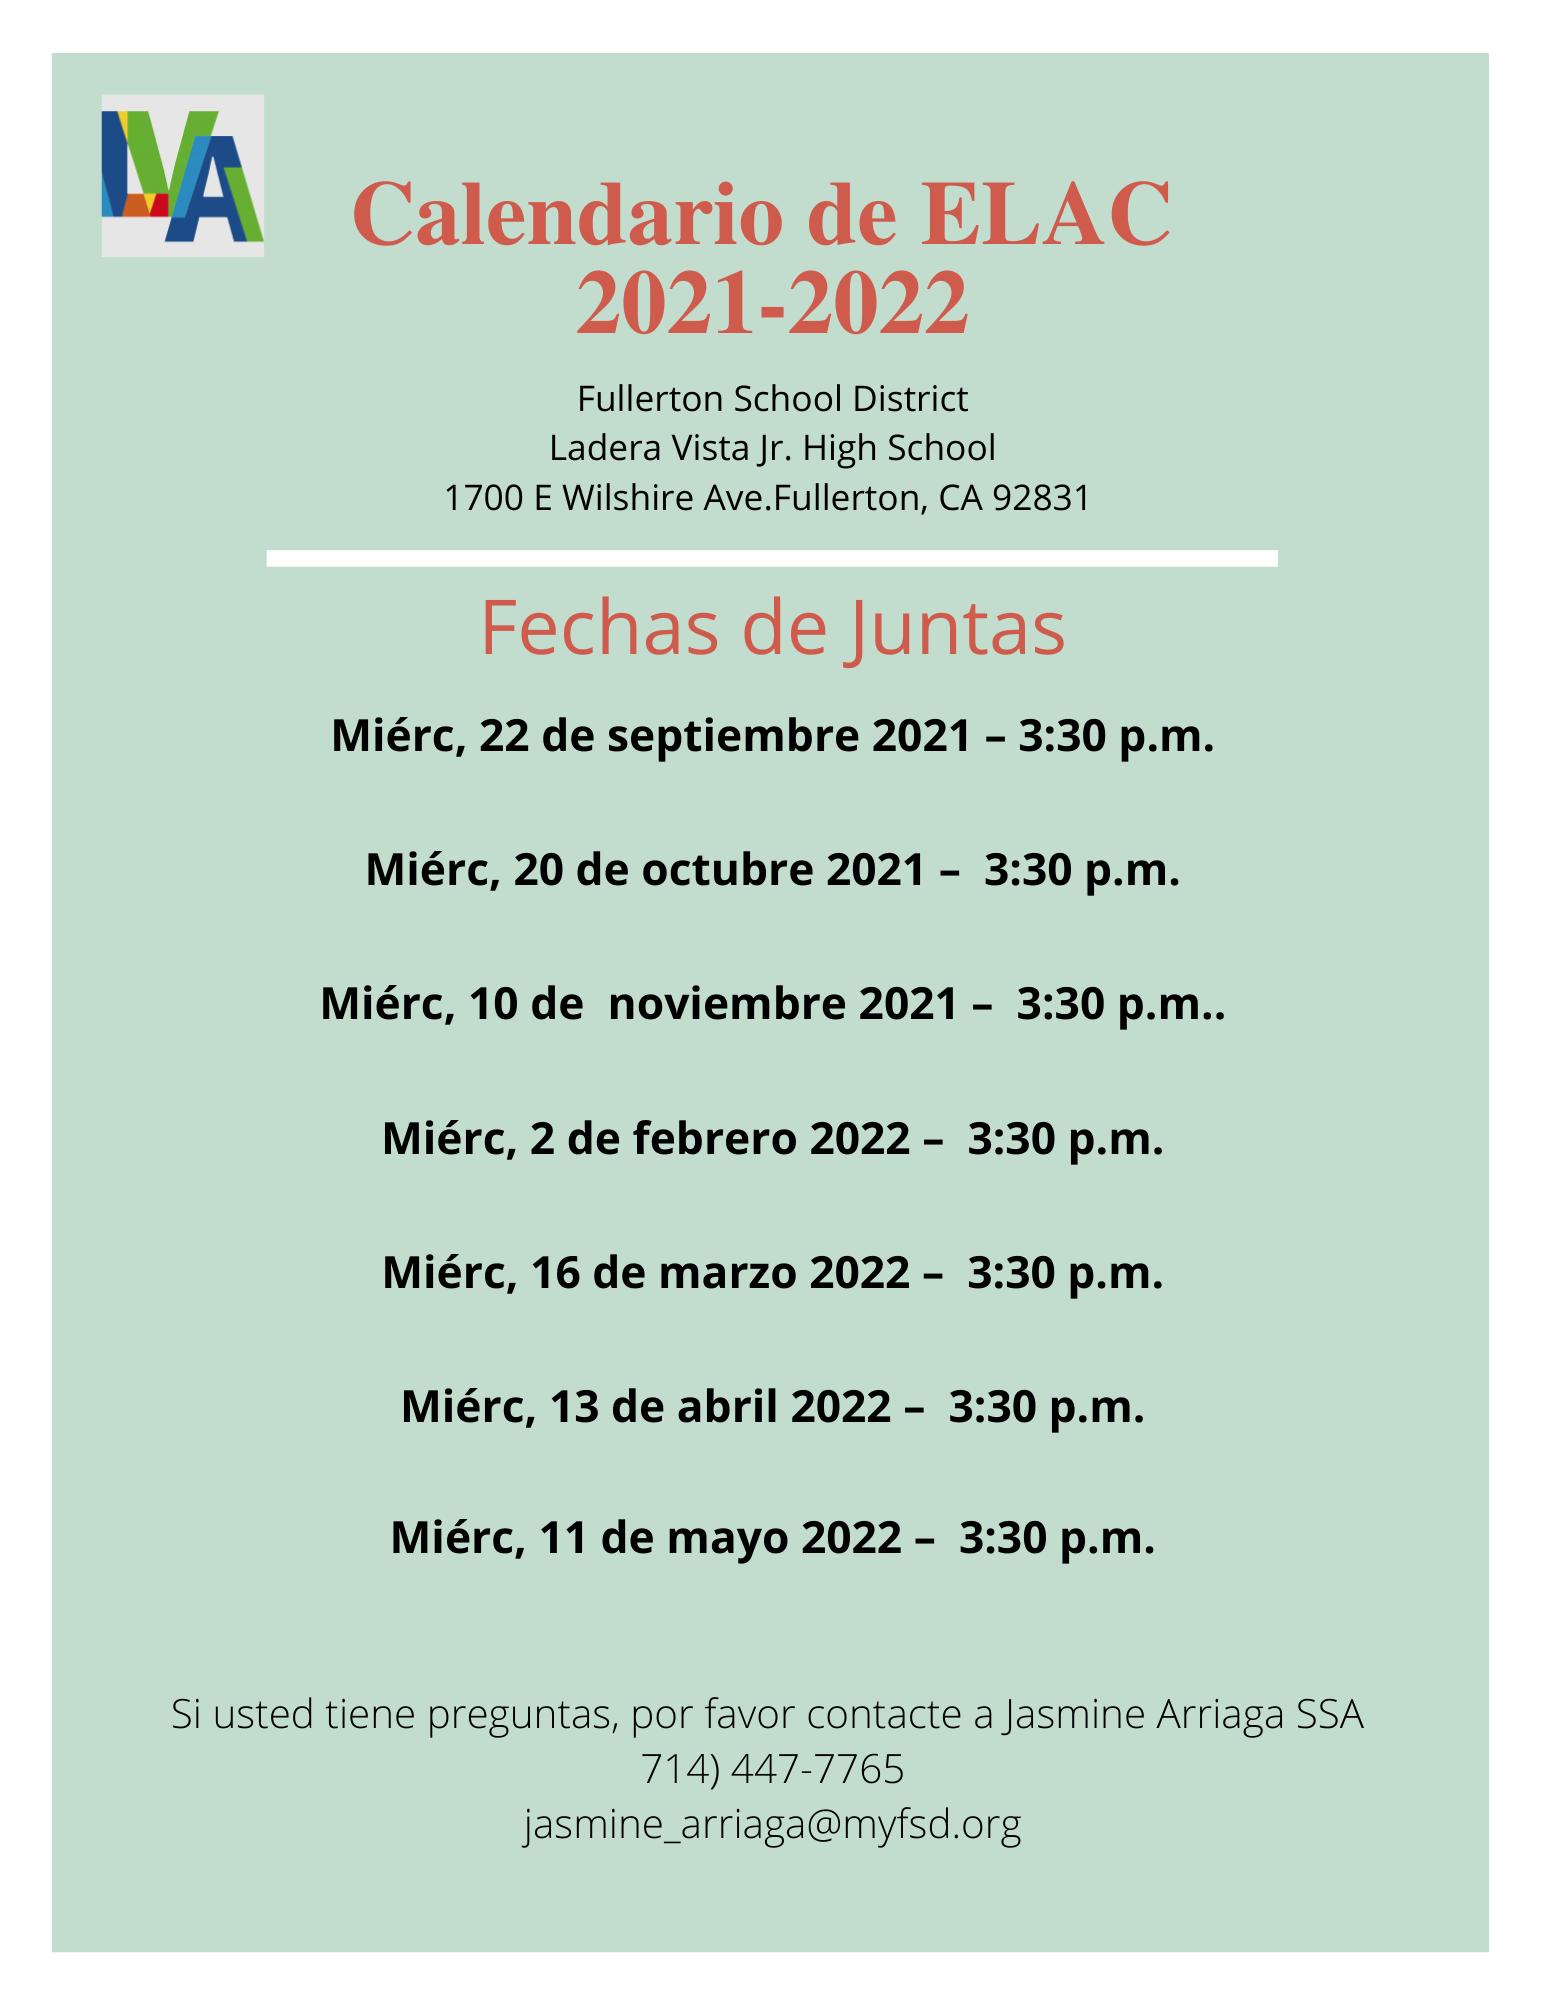 ELAC 21-22 Calendar Spanish